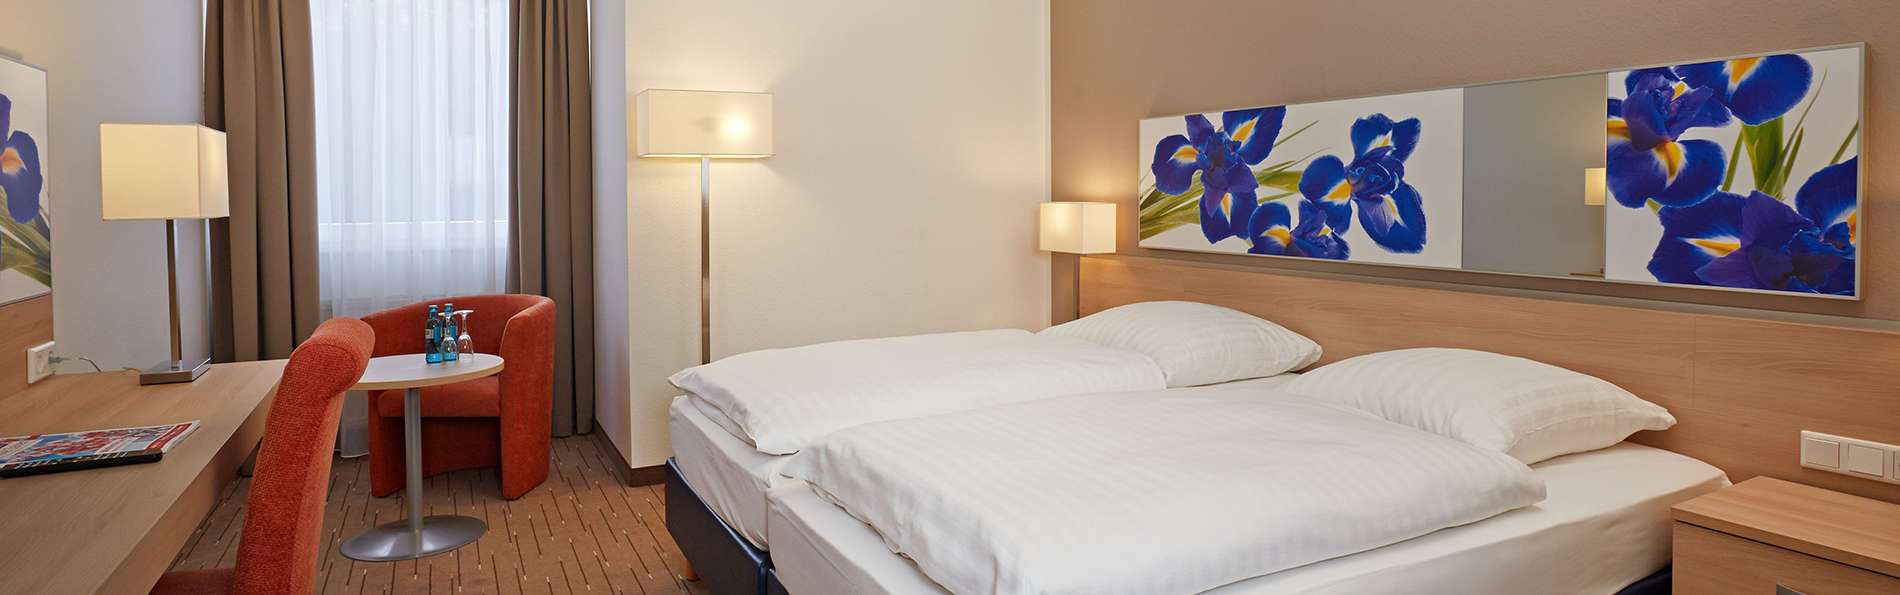 H+ Hotel Wiesbaden-Niedernhausen - EDIT_comfort_room4.jpg